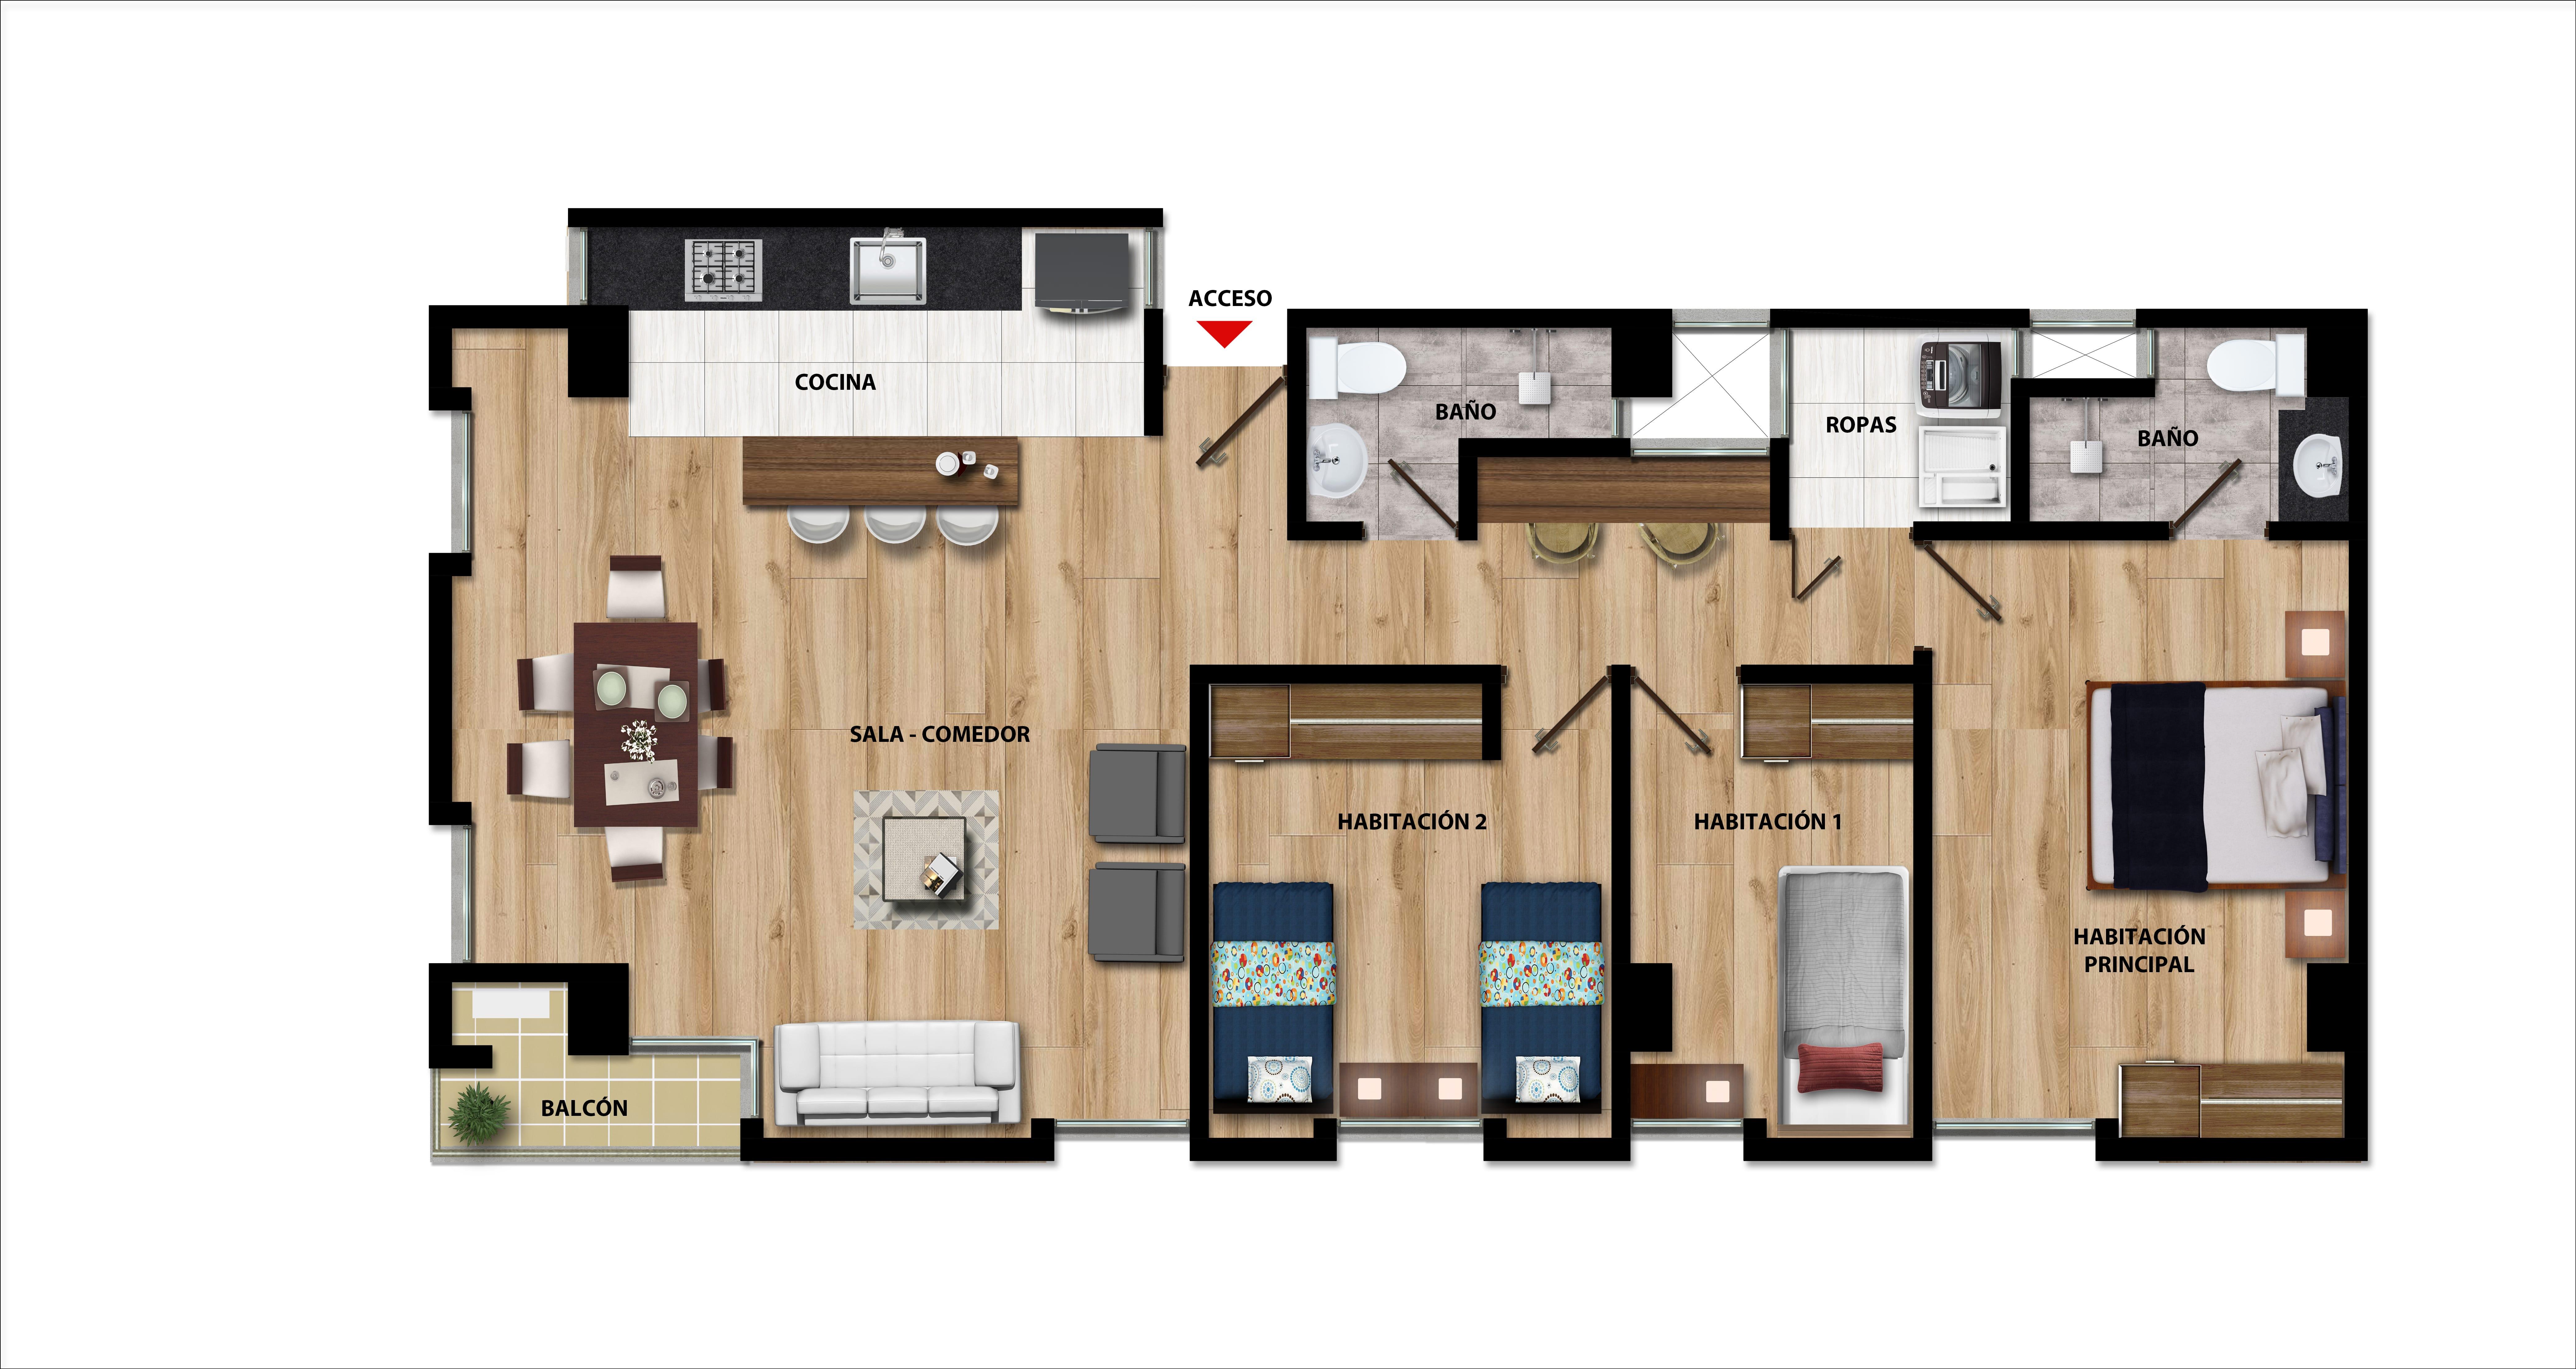 Plano Apartamentos pisos 1o y 2o